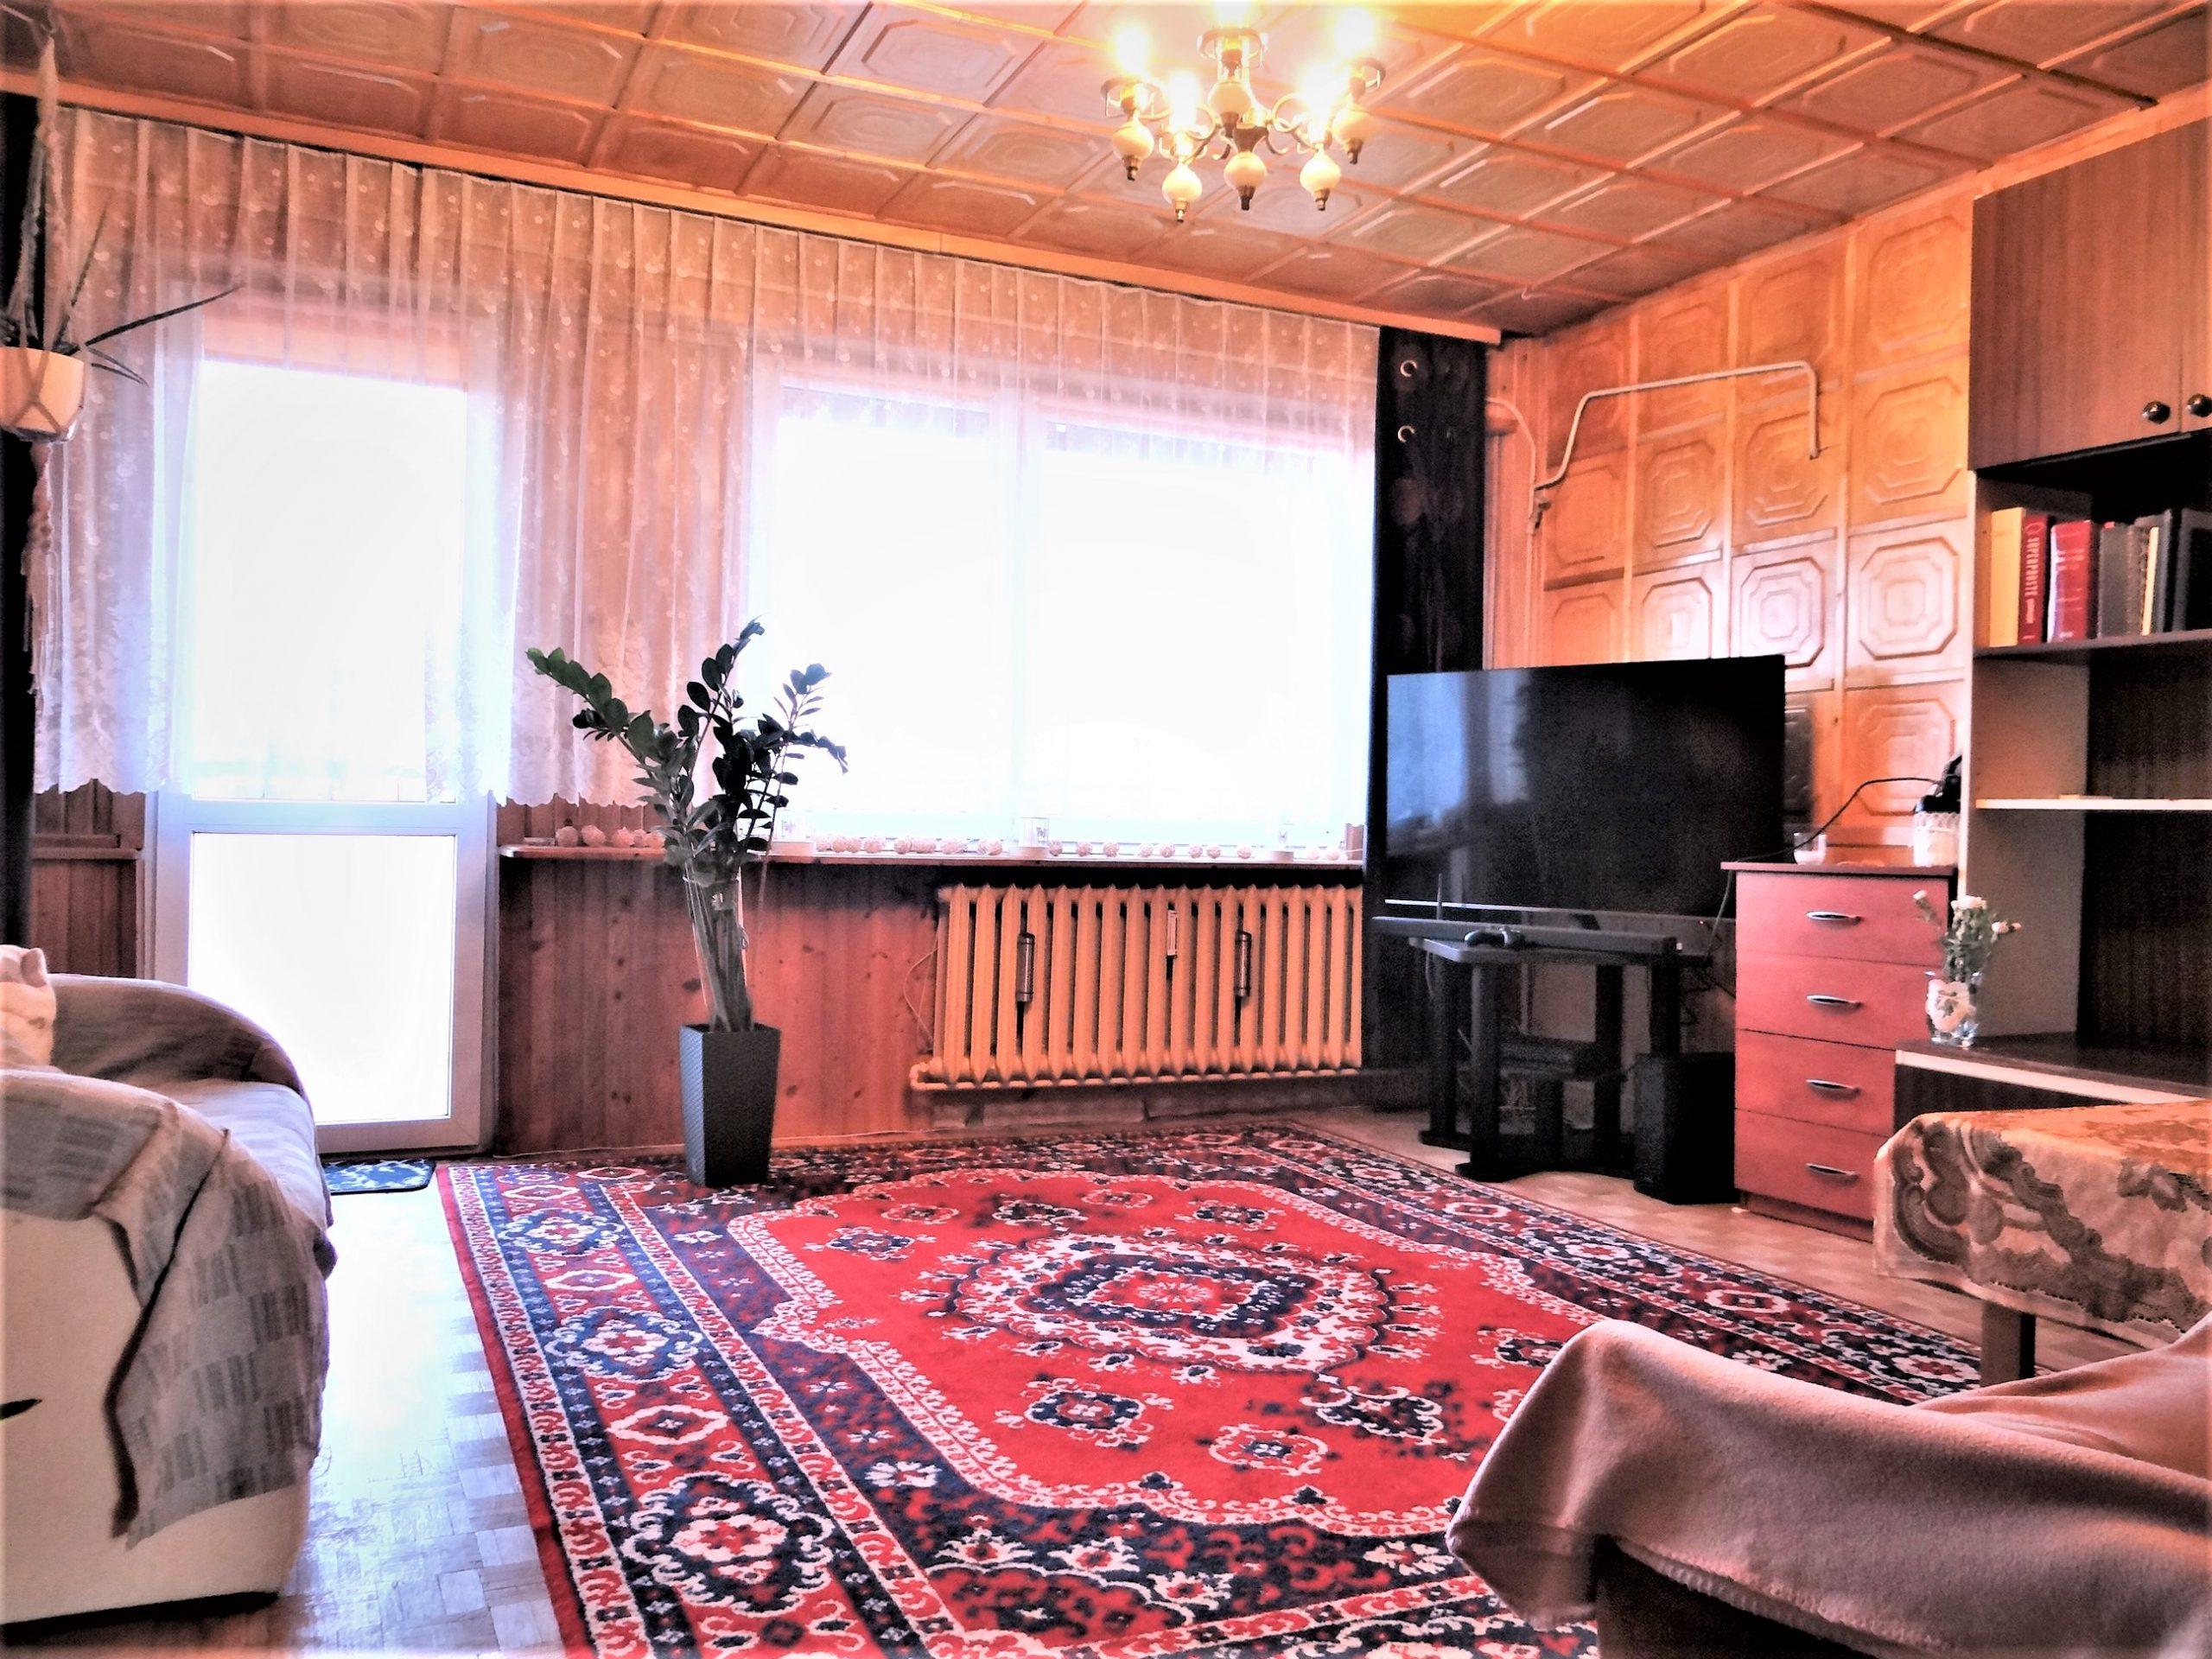 Bema-3 pokoje idealna lokalizacja zobacz sam!